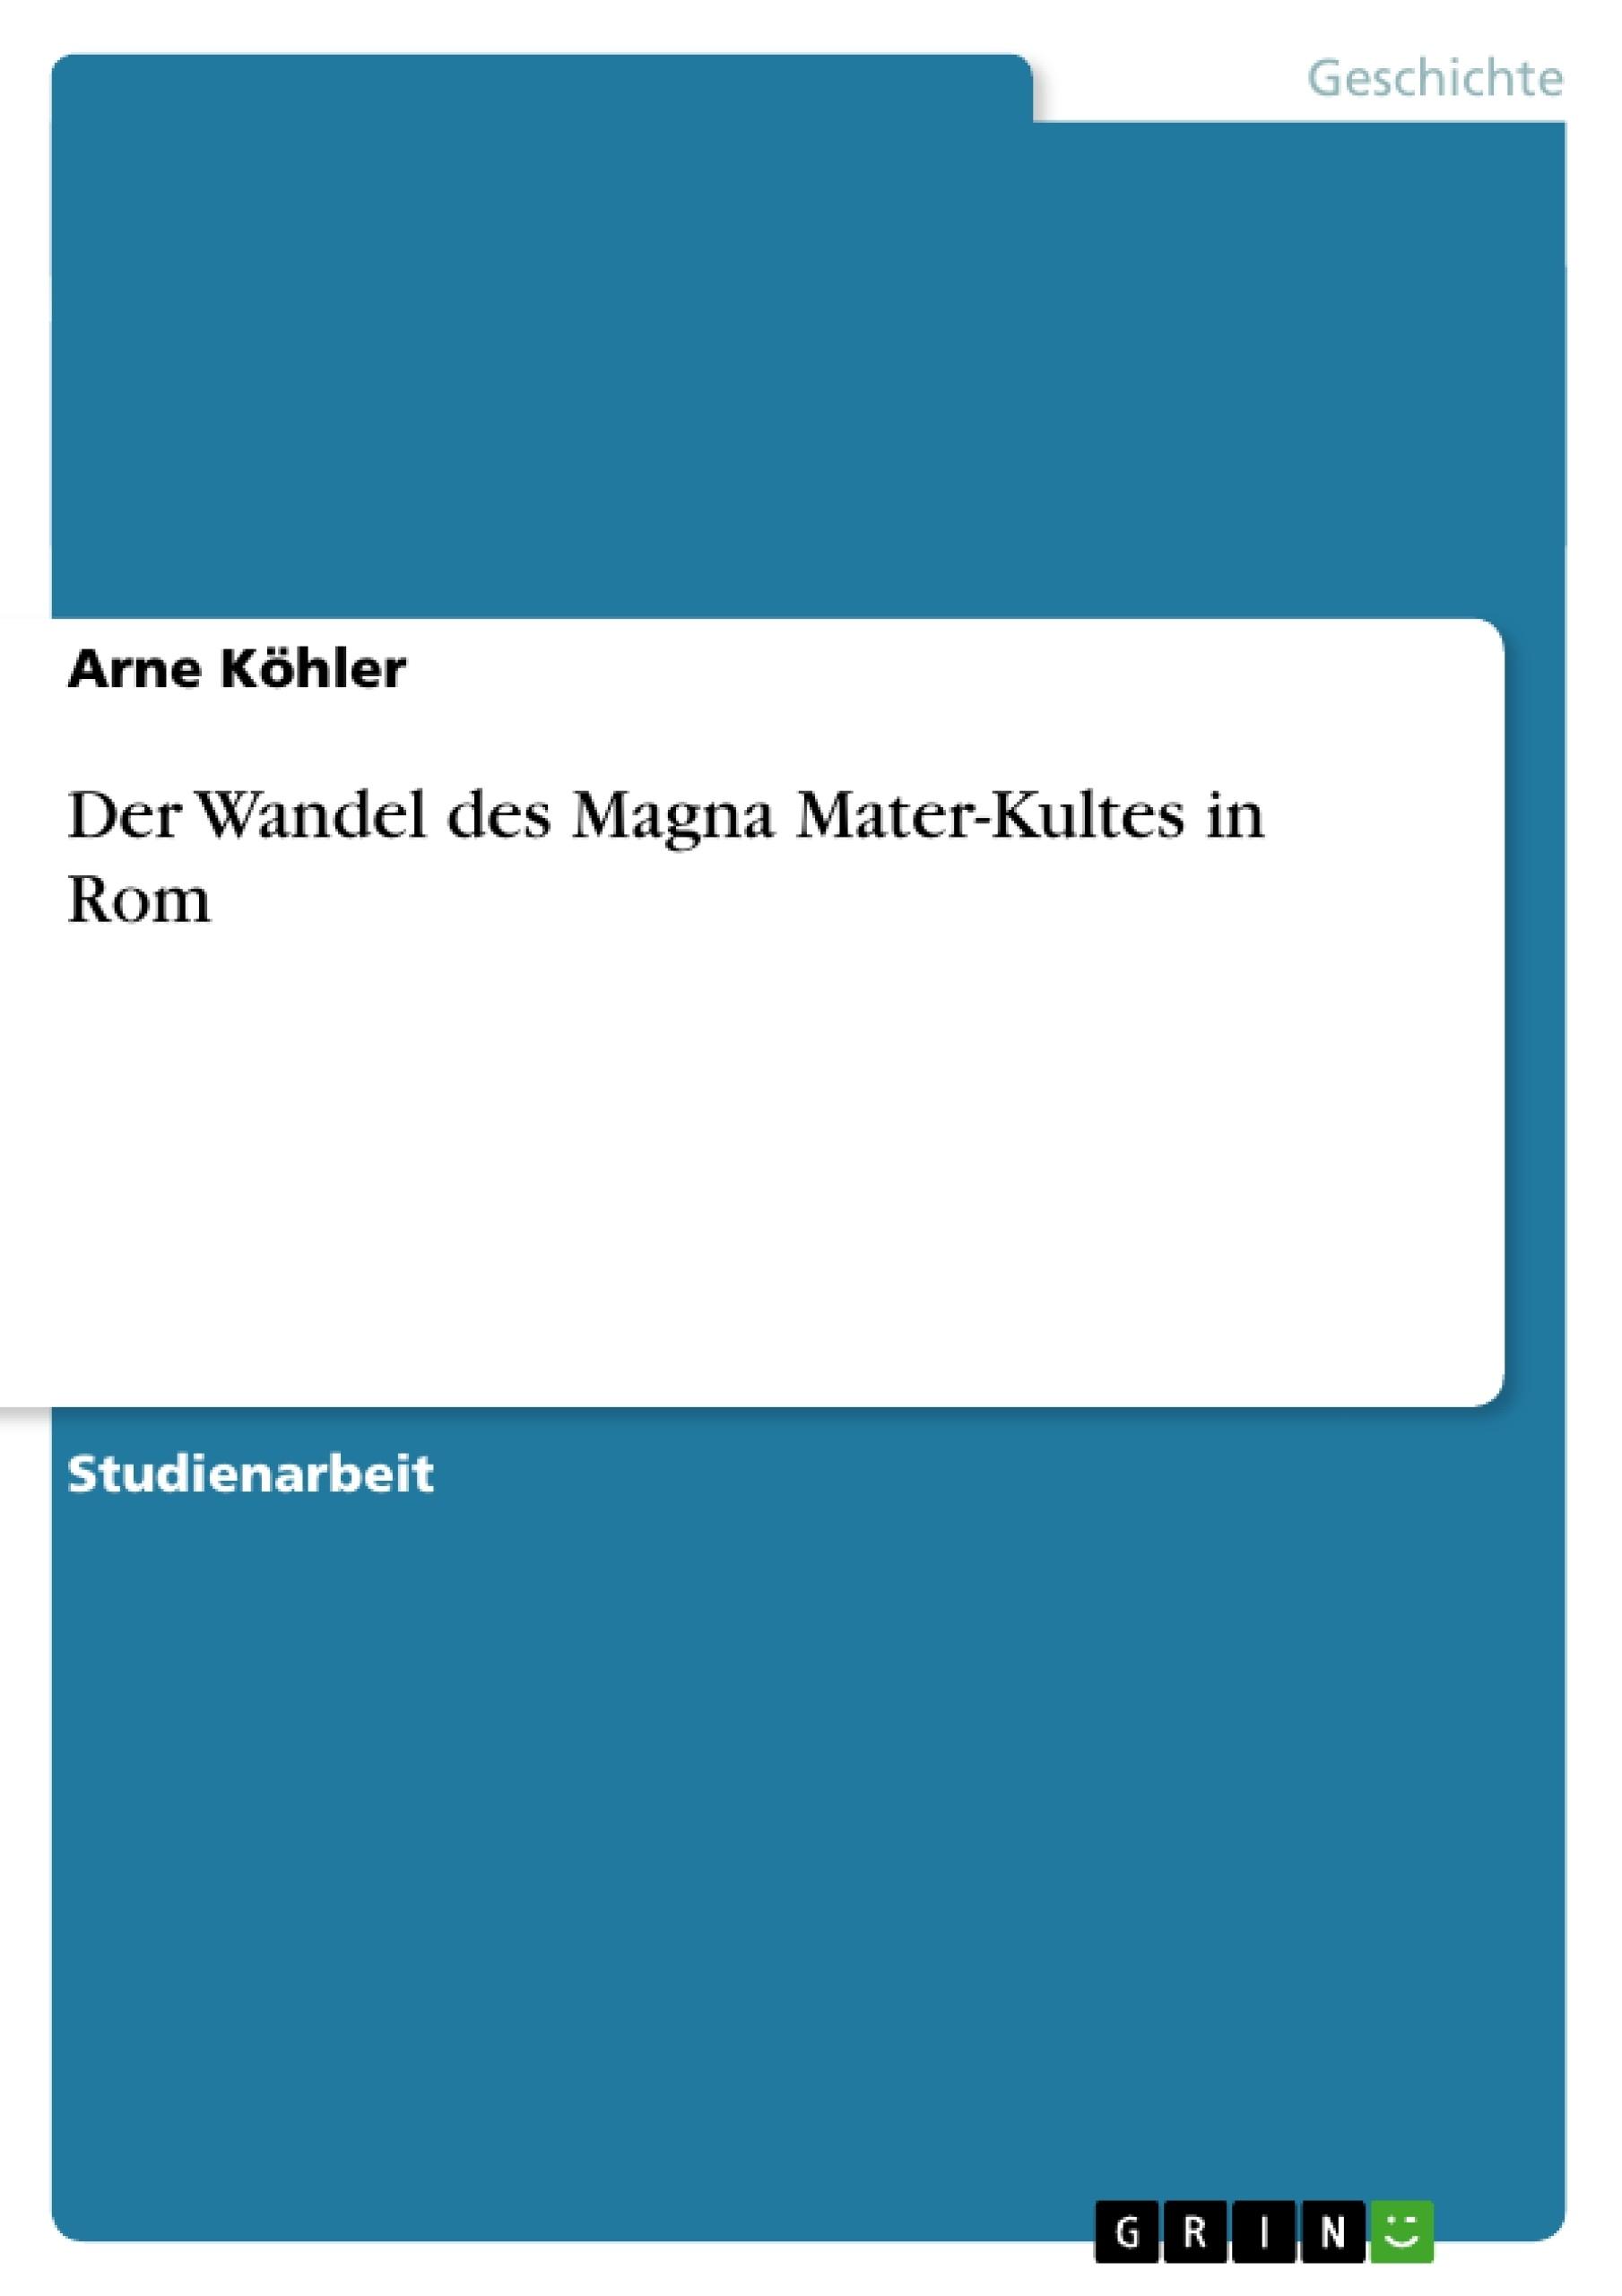 Titel: Der Wandel des Magna Mater-Kultes in Rom